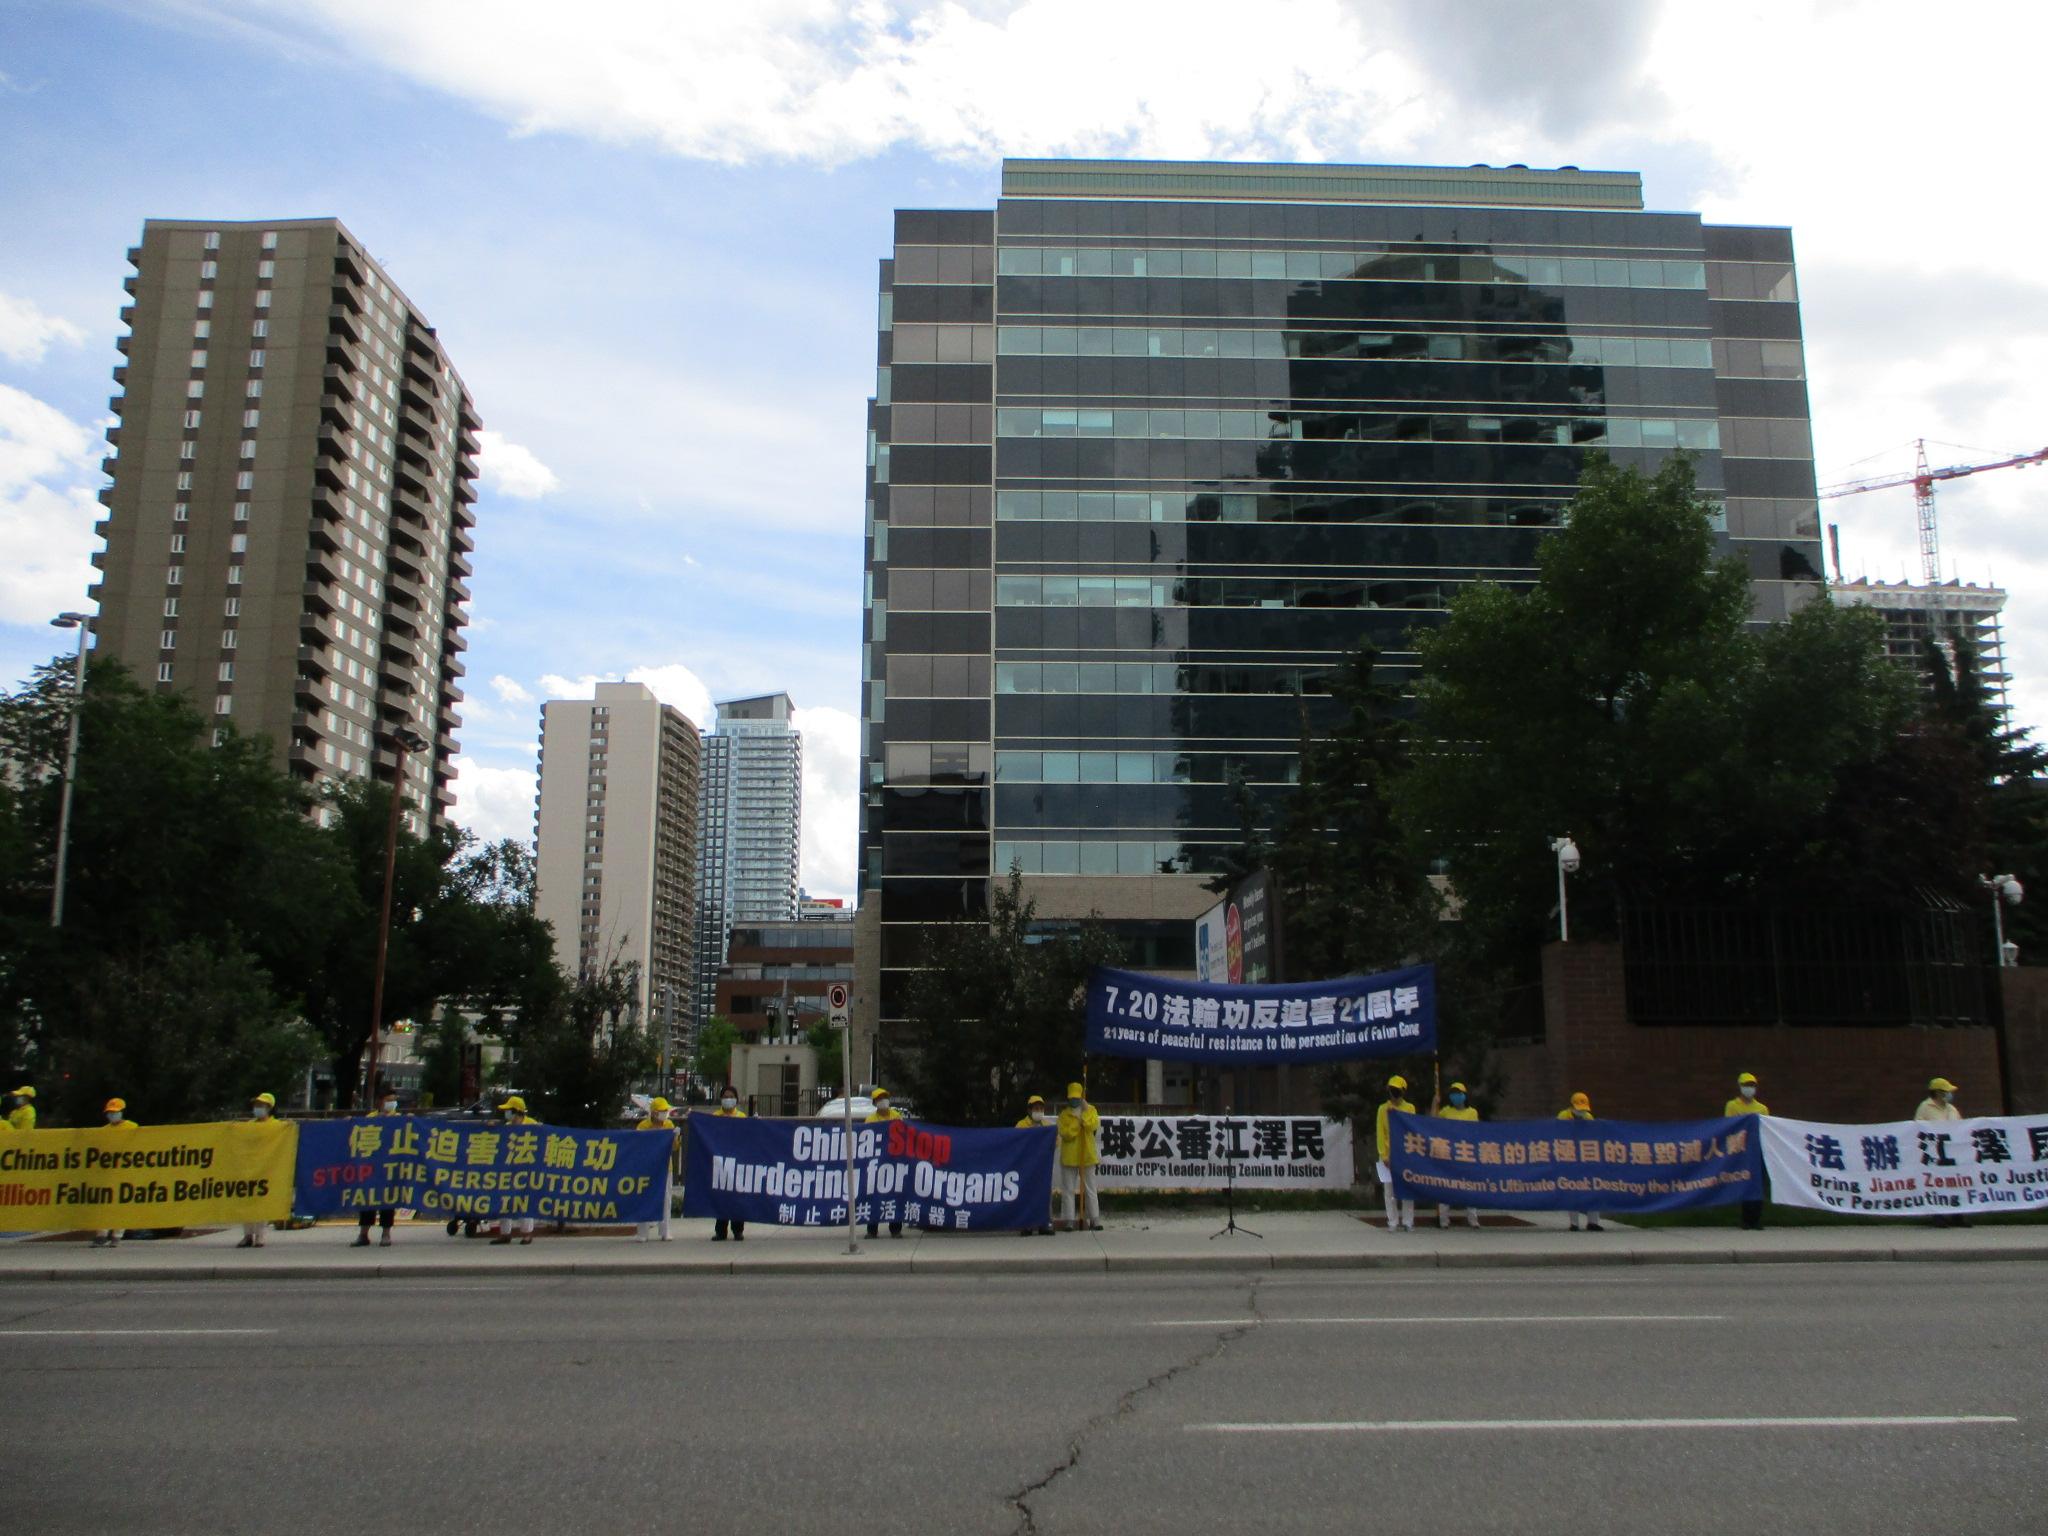 「中共罪惡必被追究」加拿大卡城法輪功集會反迫害